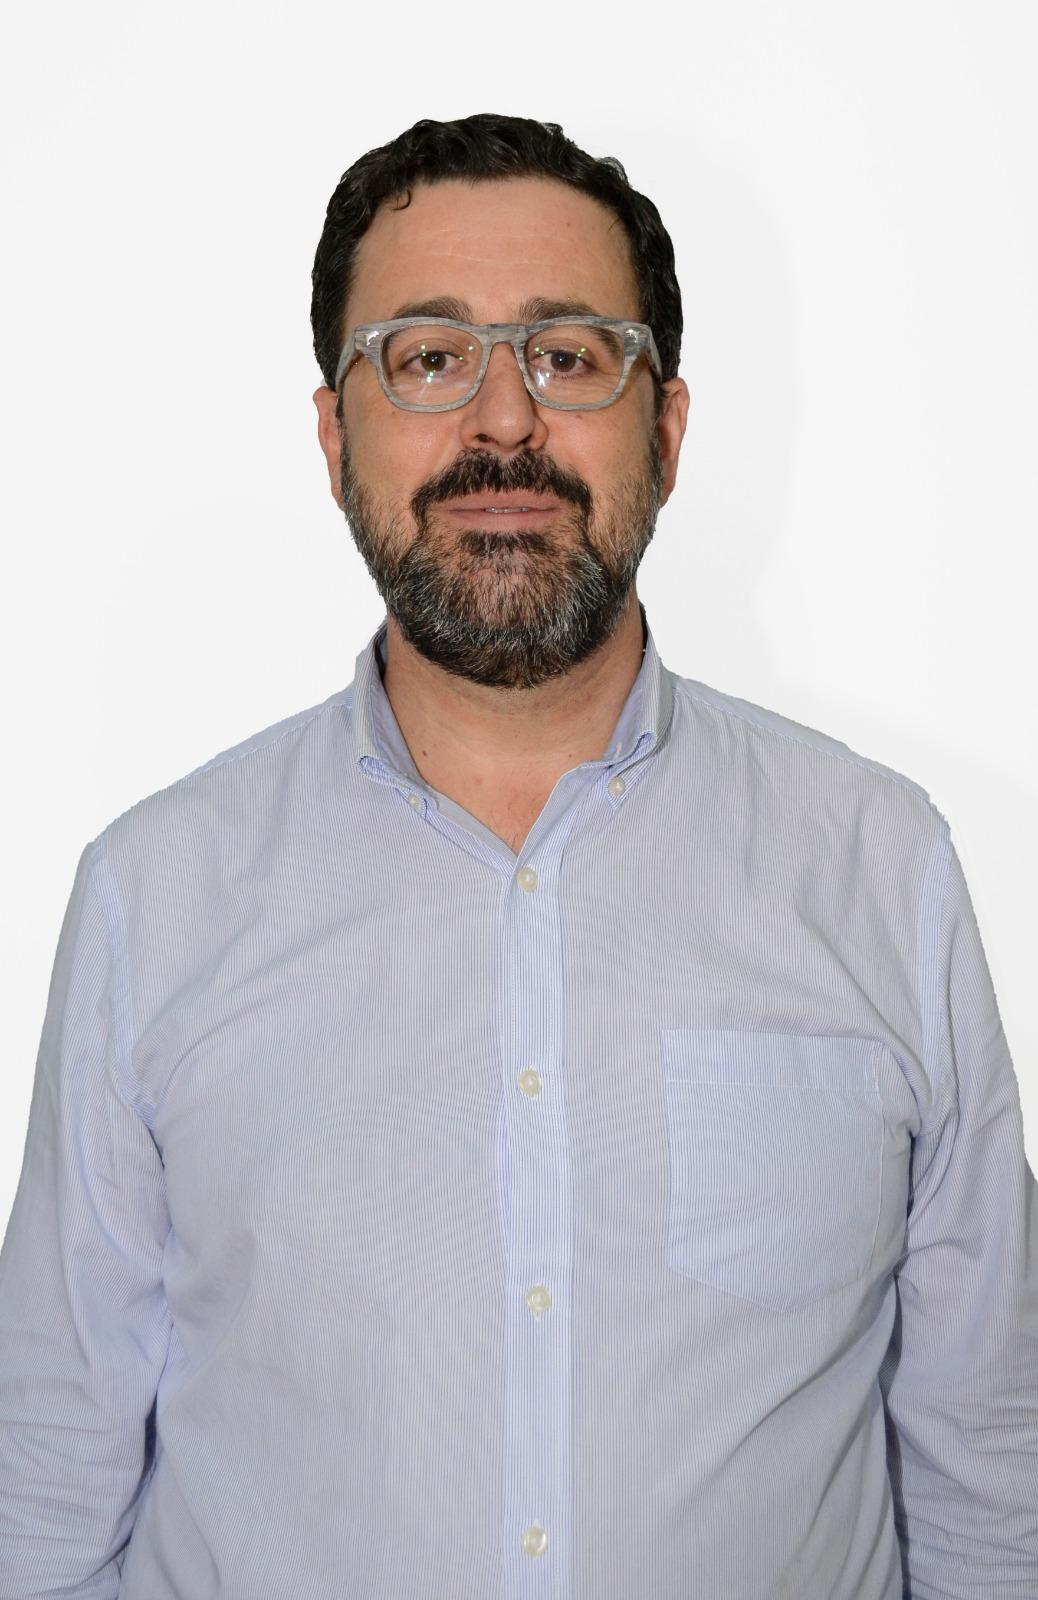 José María Lara Arias